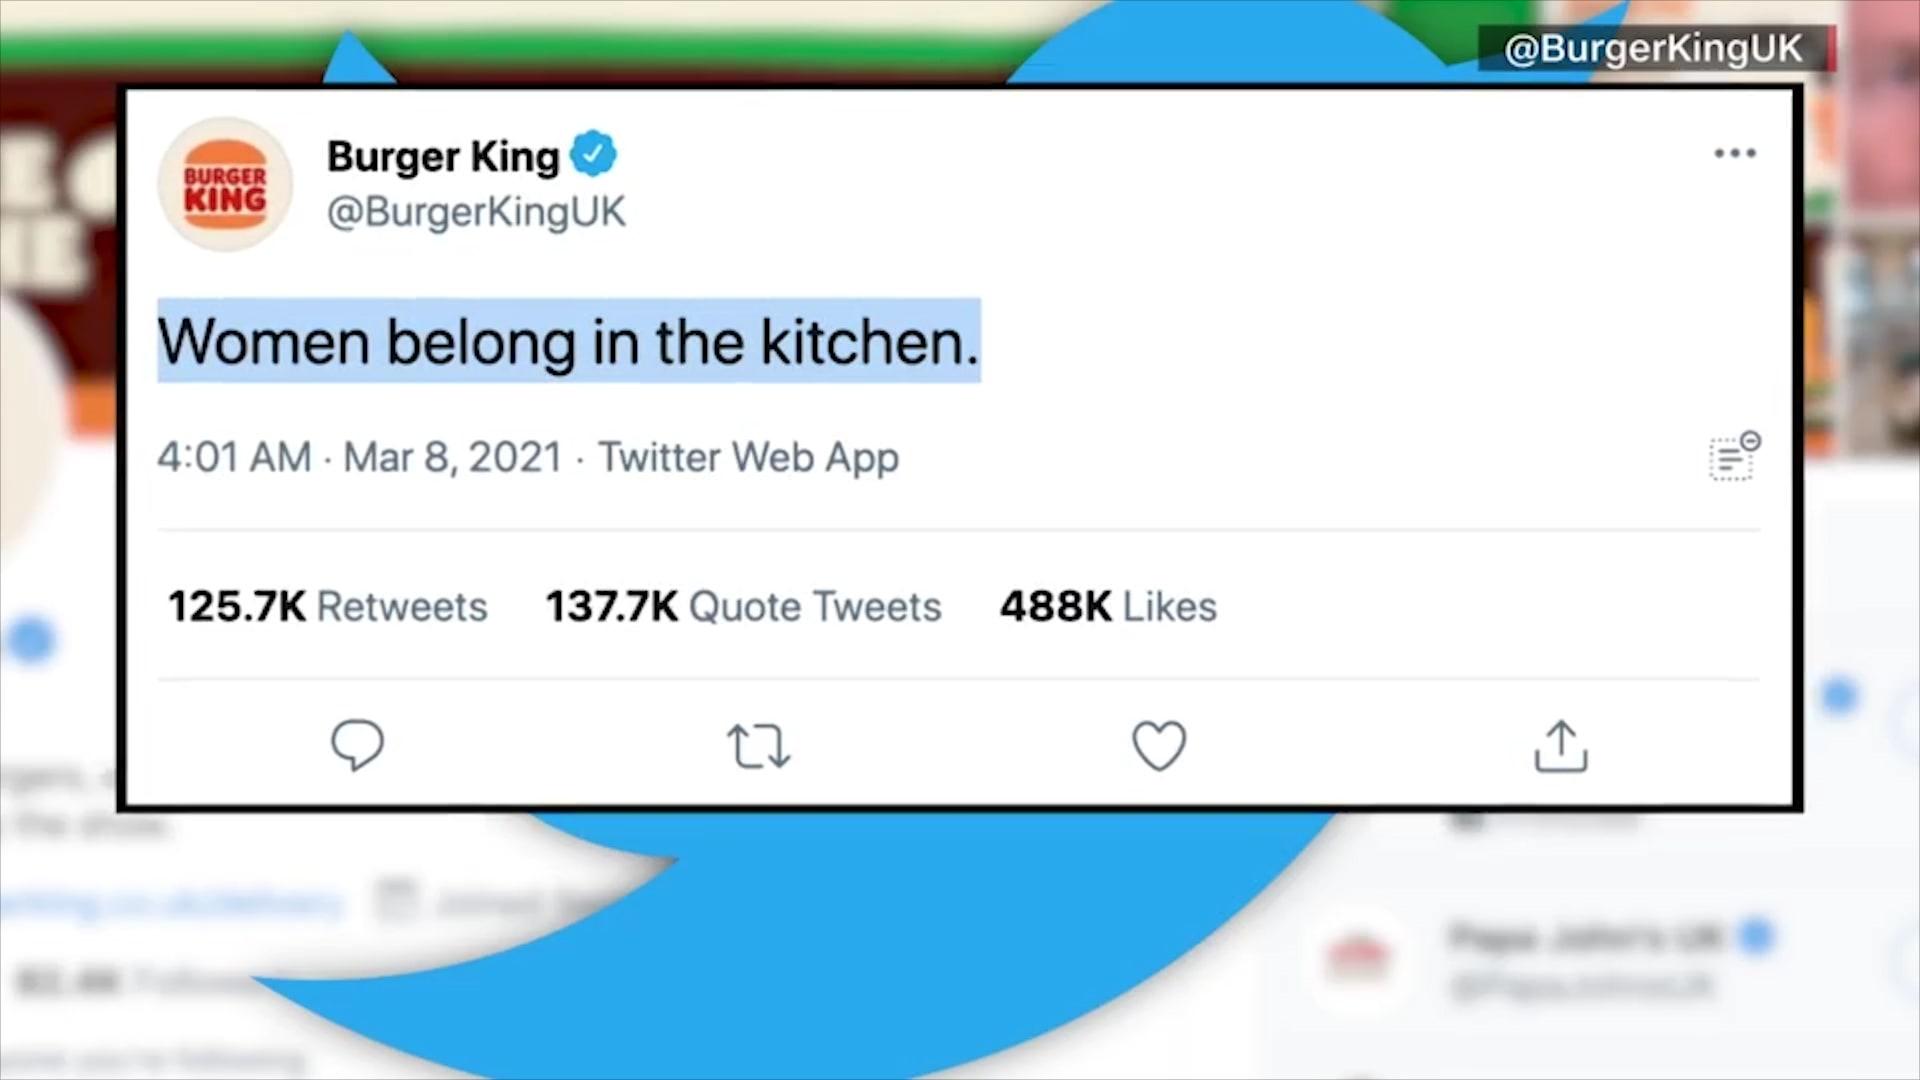 """""""مكان المرأة في المطبخ"""".. انتقادات تطال """"برجر كنج"""" بسبب تغريدة في يوم المرأة العالمي"""